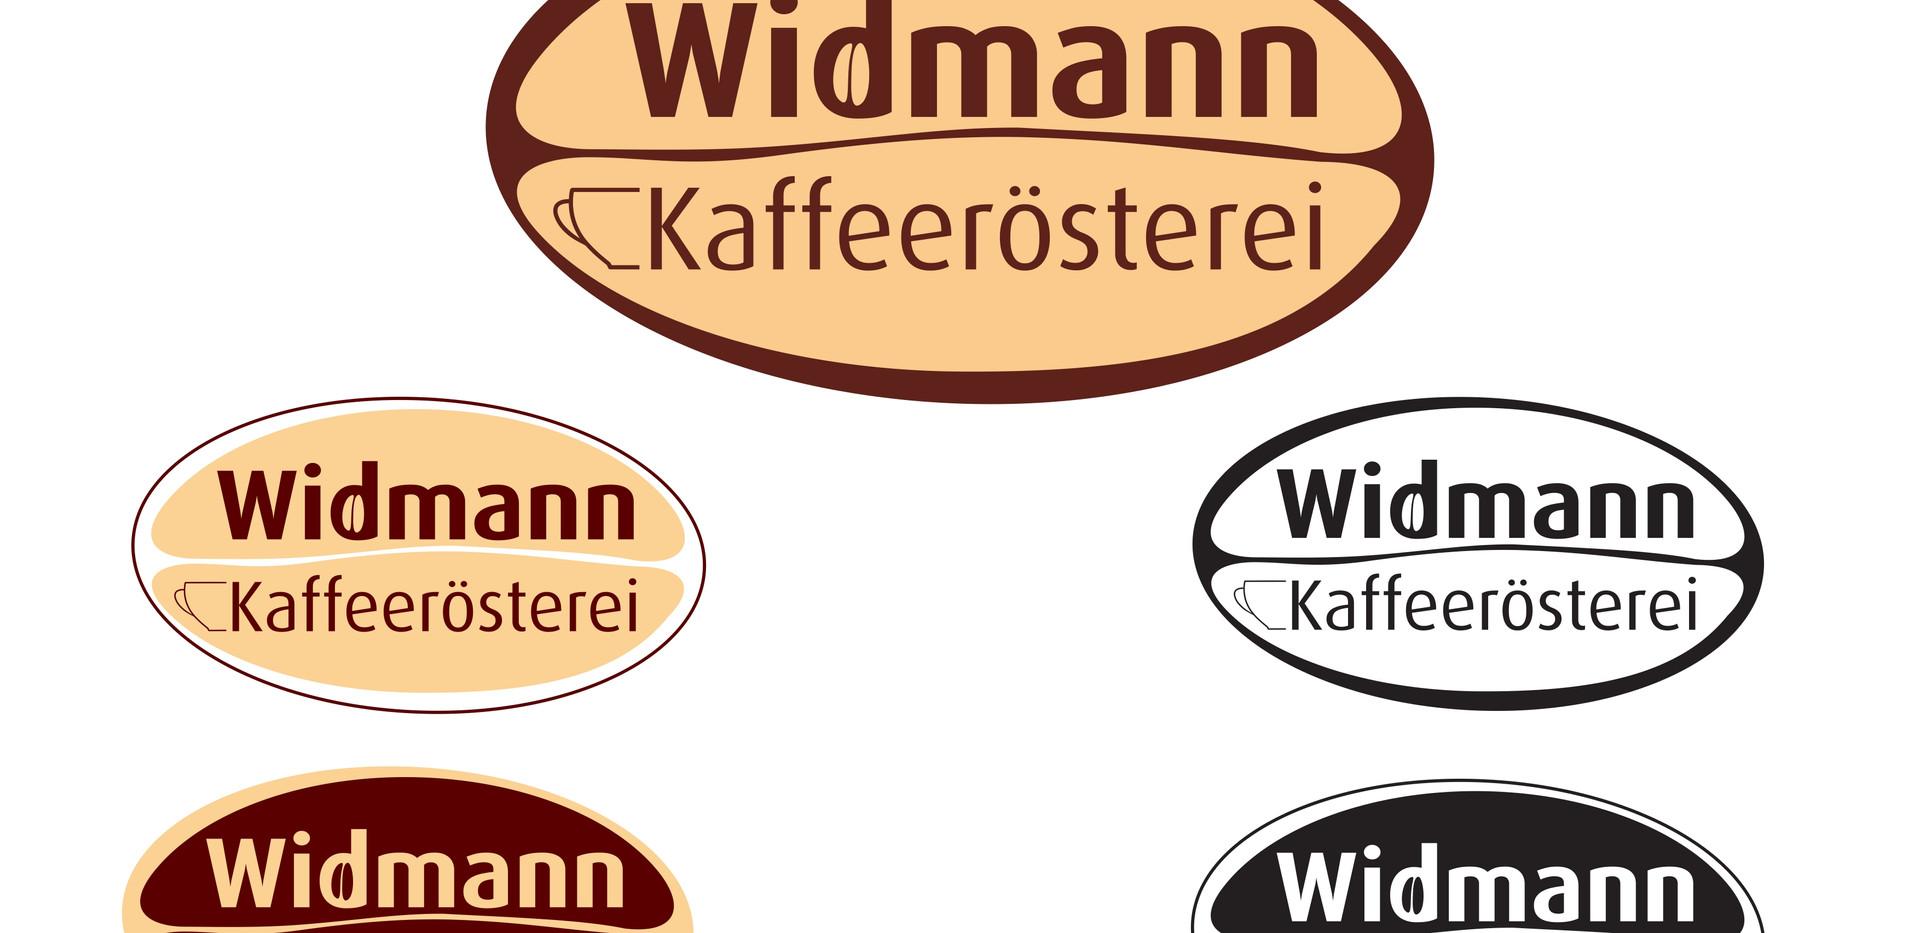 Logo Kaffeerösterei in unterschiedlichen Farbstellungen